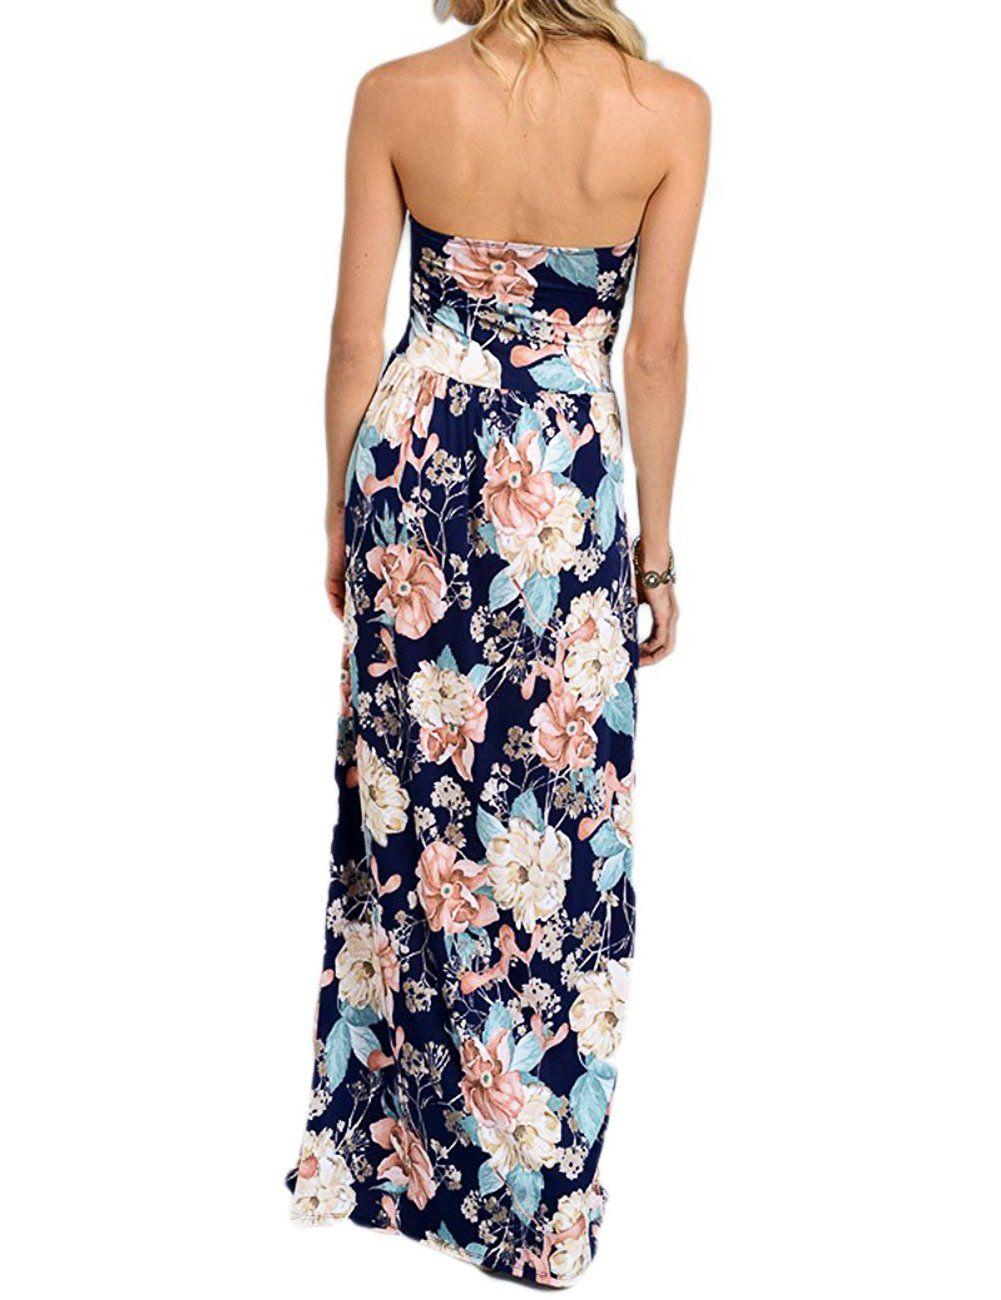 Liebeye Women Wrap Chest Casual Floral Dress Empire Waist Strapless Sleeveless Maxi Dress Long Skirt For Par Floral Dress Casual Boho Maxi Dress Casual Dresses [ 1300 x 1001 Pixel ]